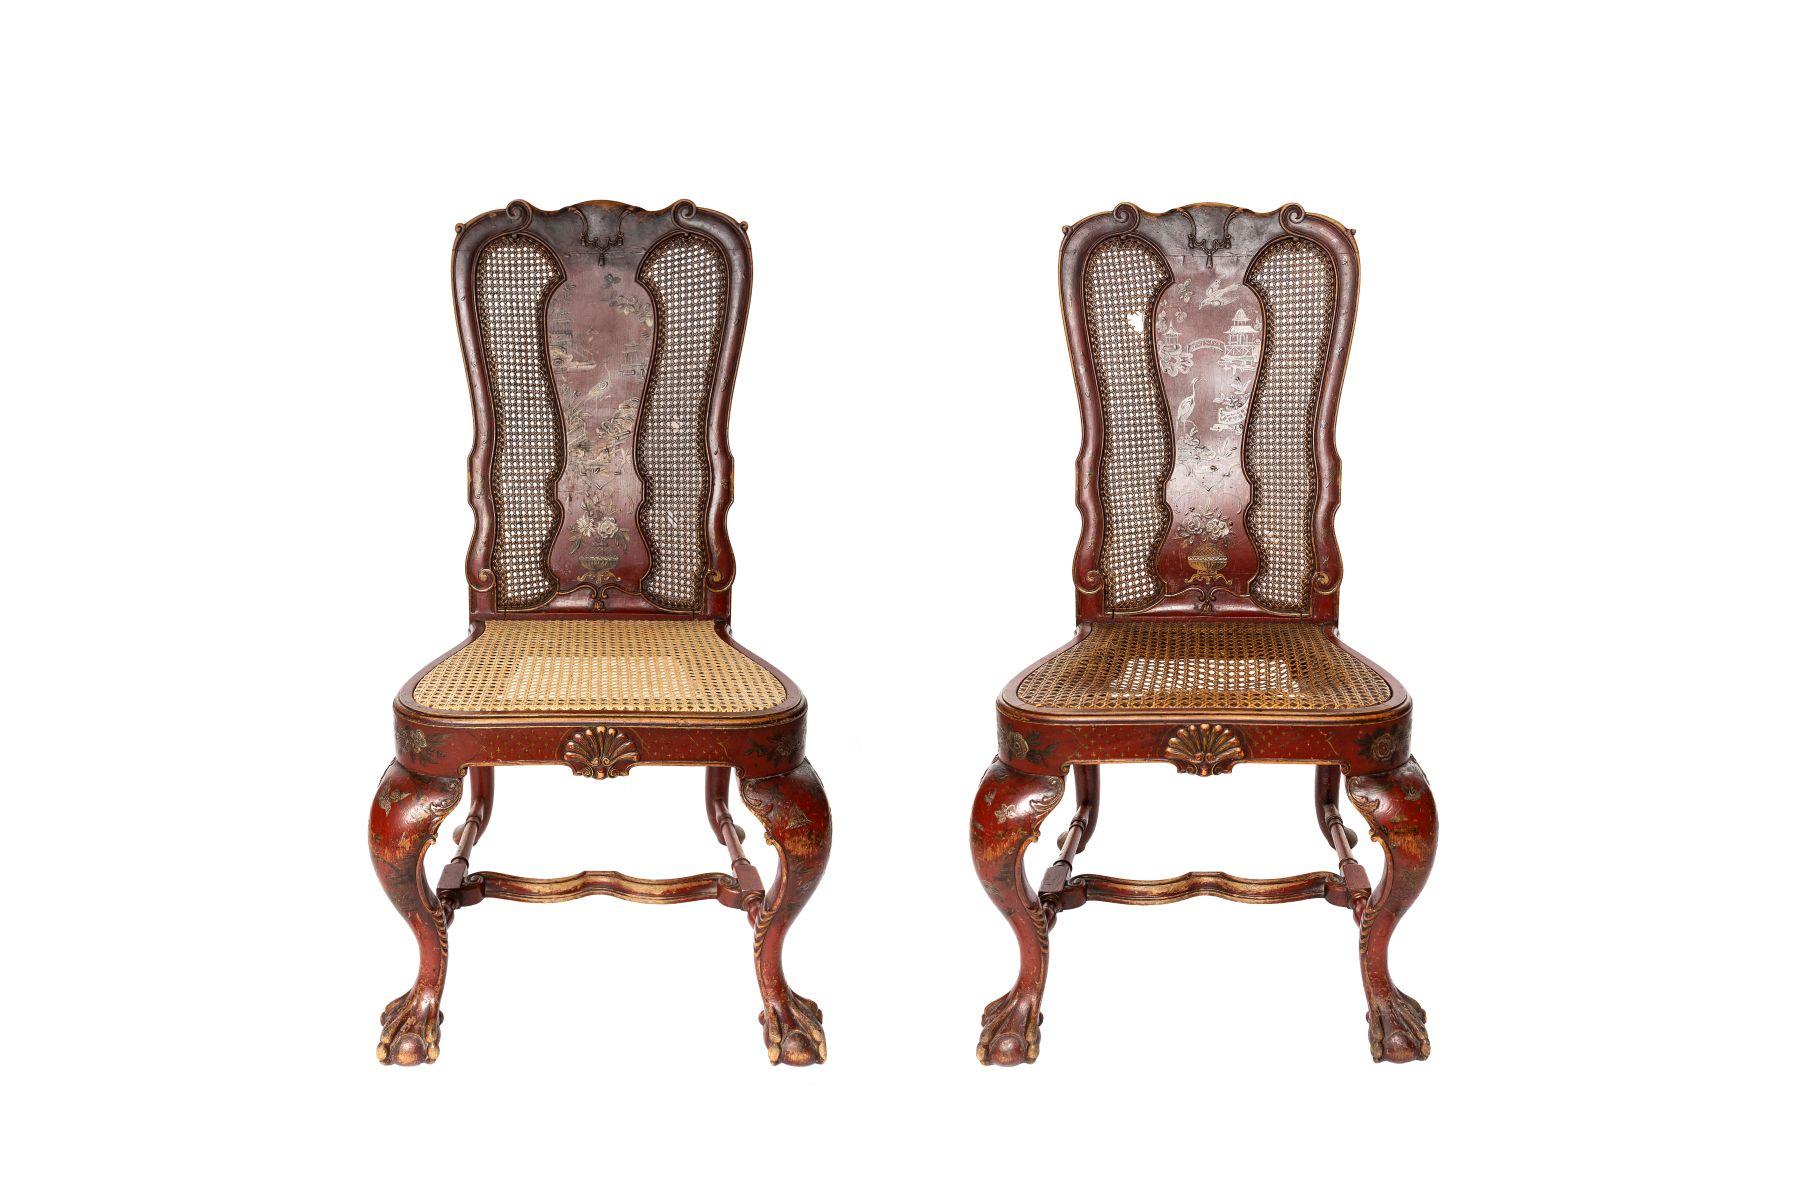 #168 2 wicker chairs | 2 chinesische Stühle Image